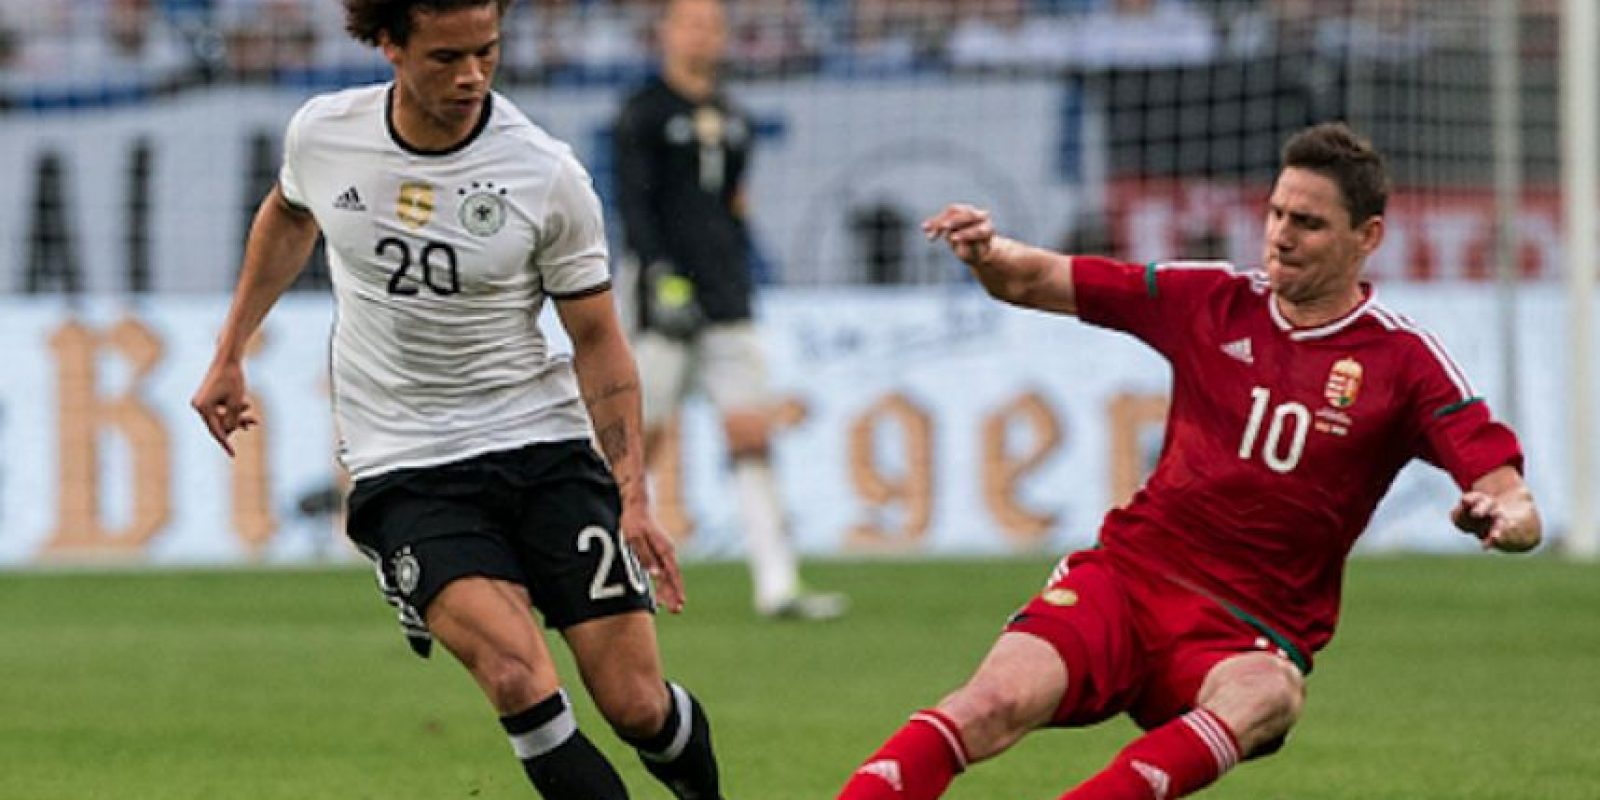 Con marcador de 2-0, los alemanes vencieron a Hungría en un partido de preparación. Foto:Getty Images